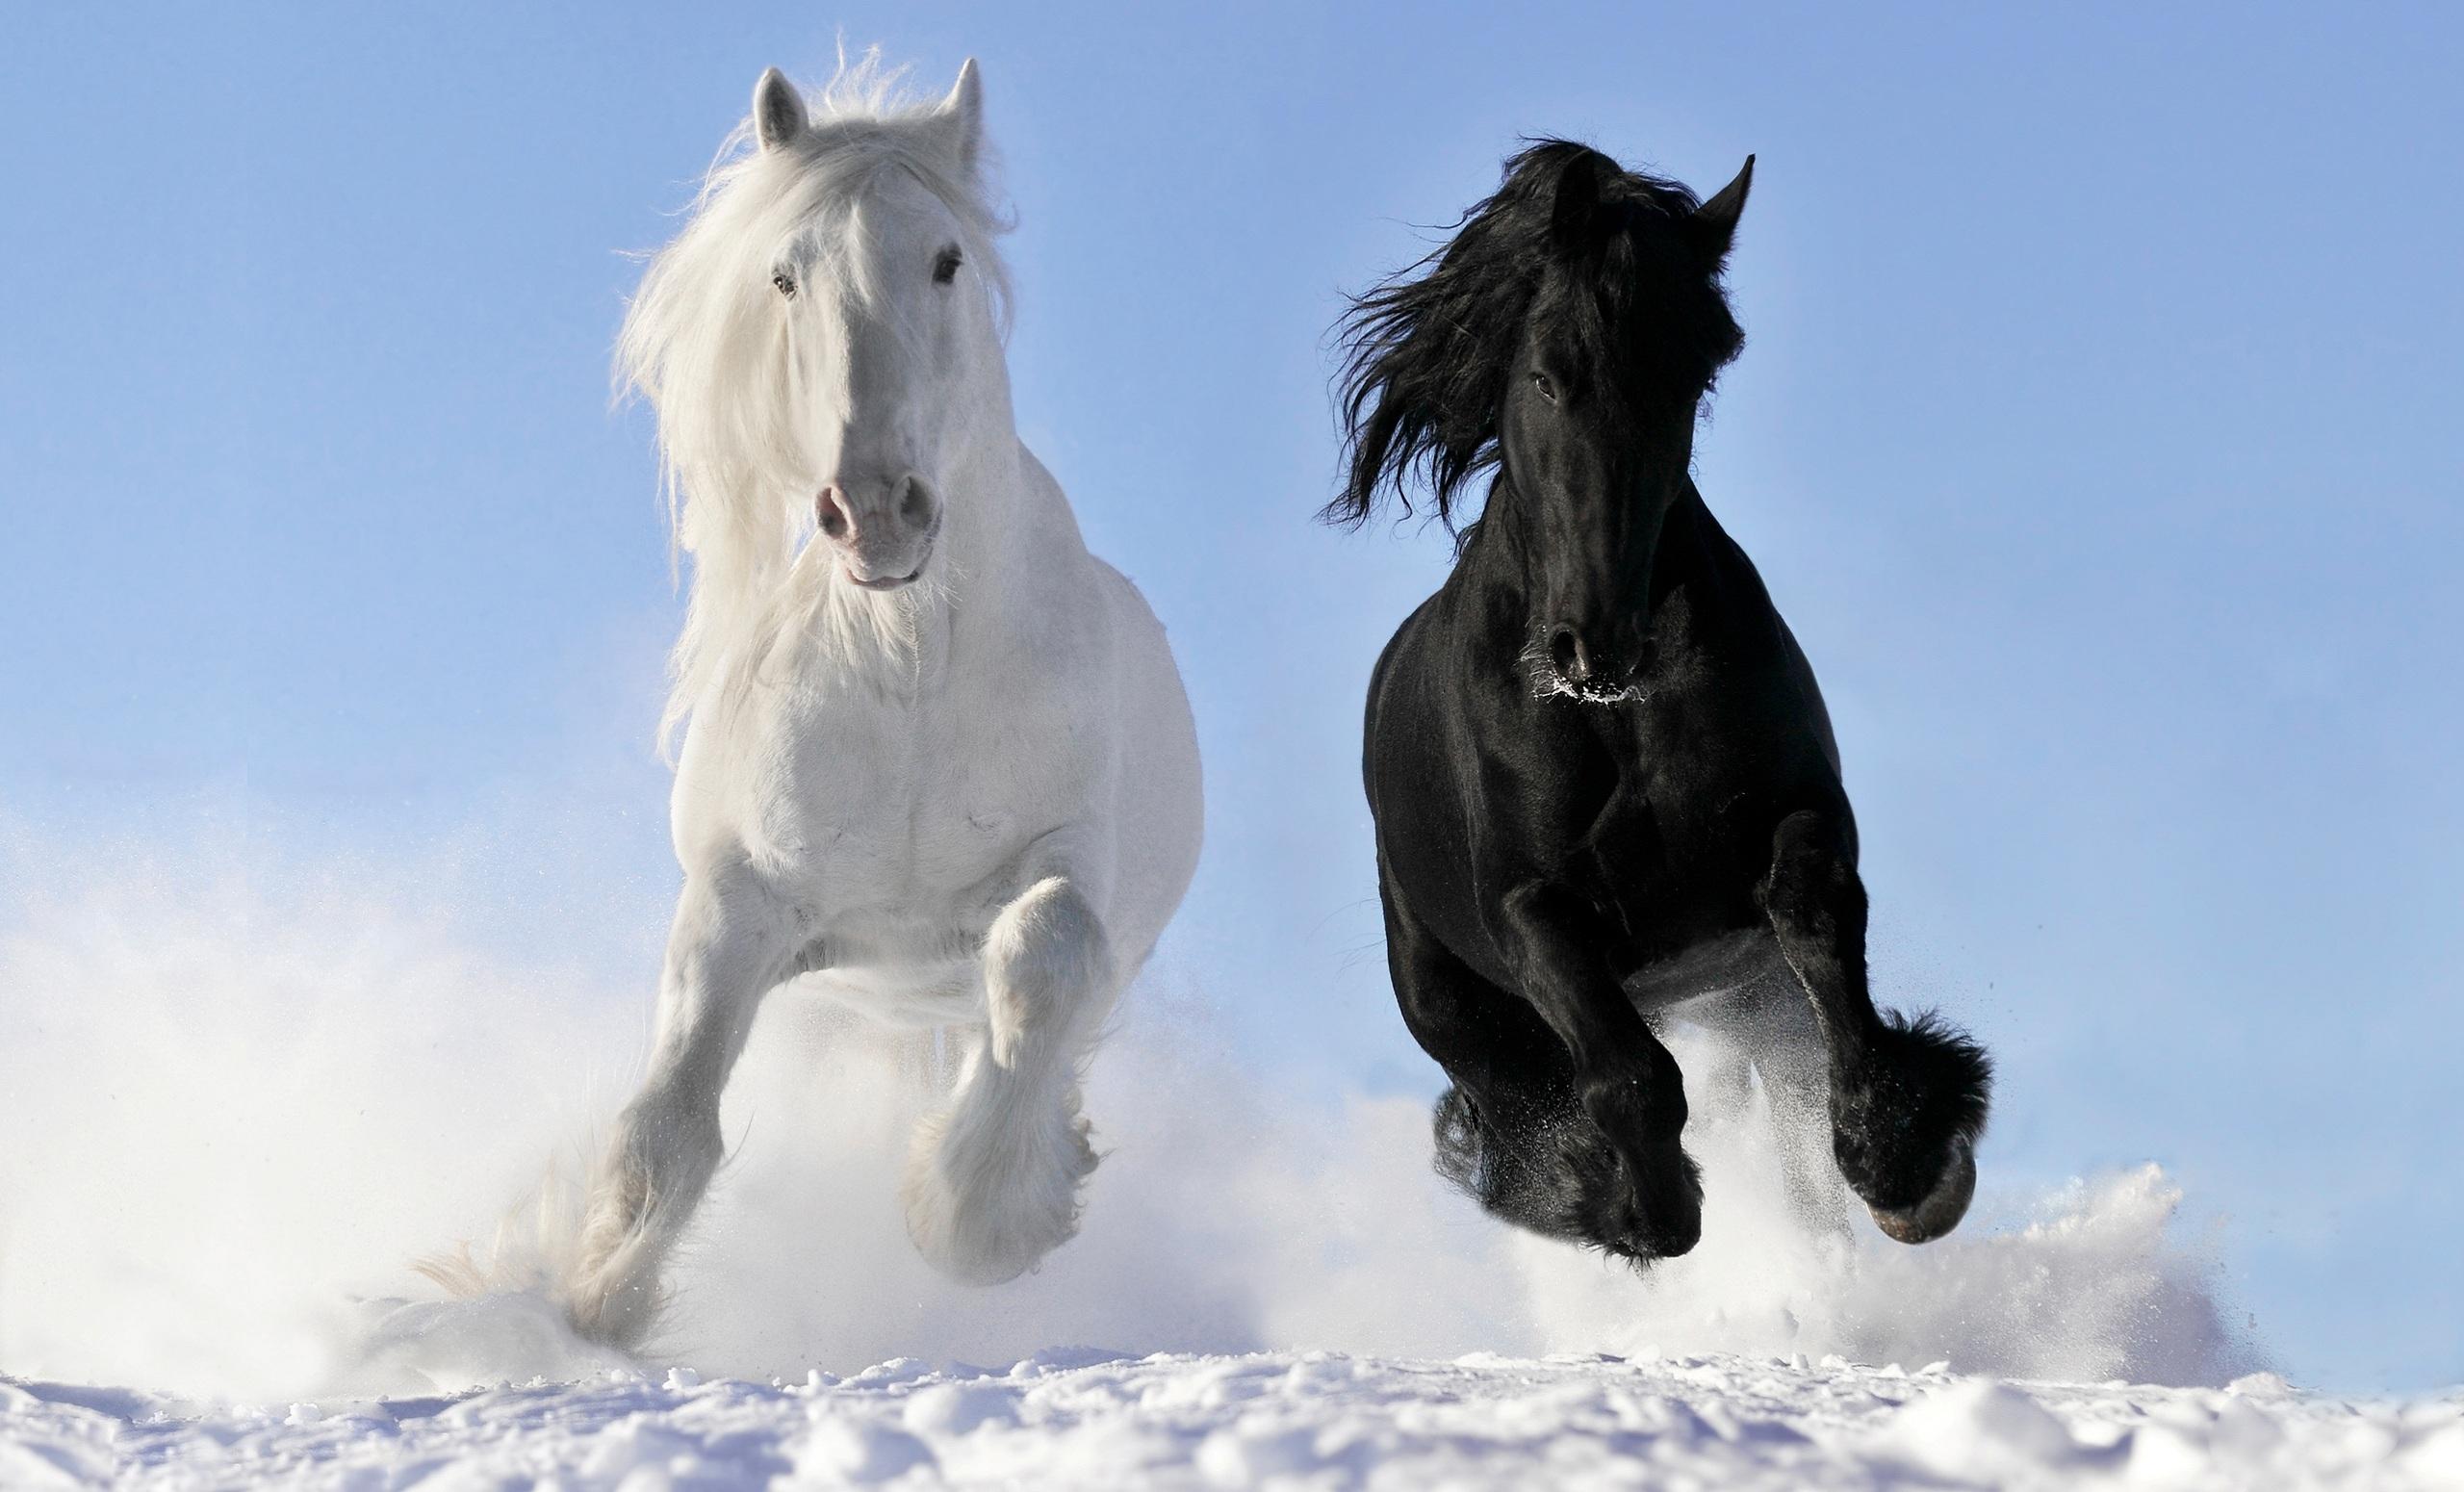 Horse winter snow wallpaper 2560x1550 148580 WallpaperUP 2560x1550